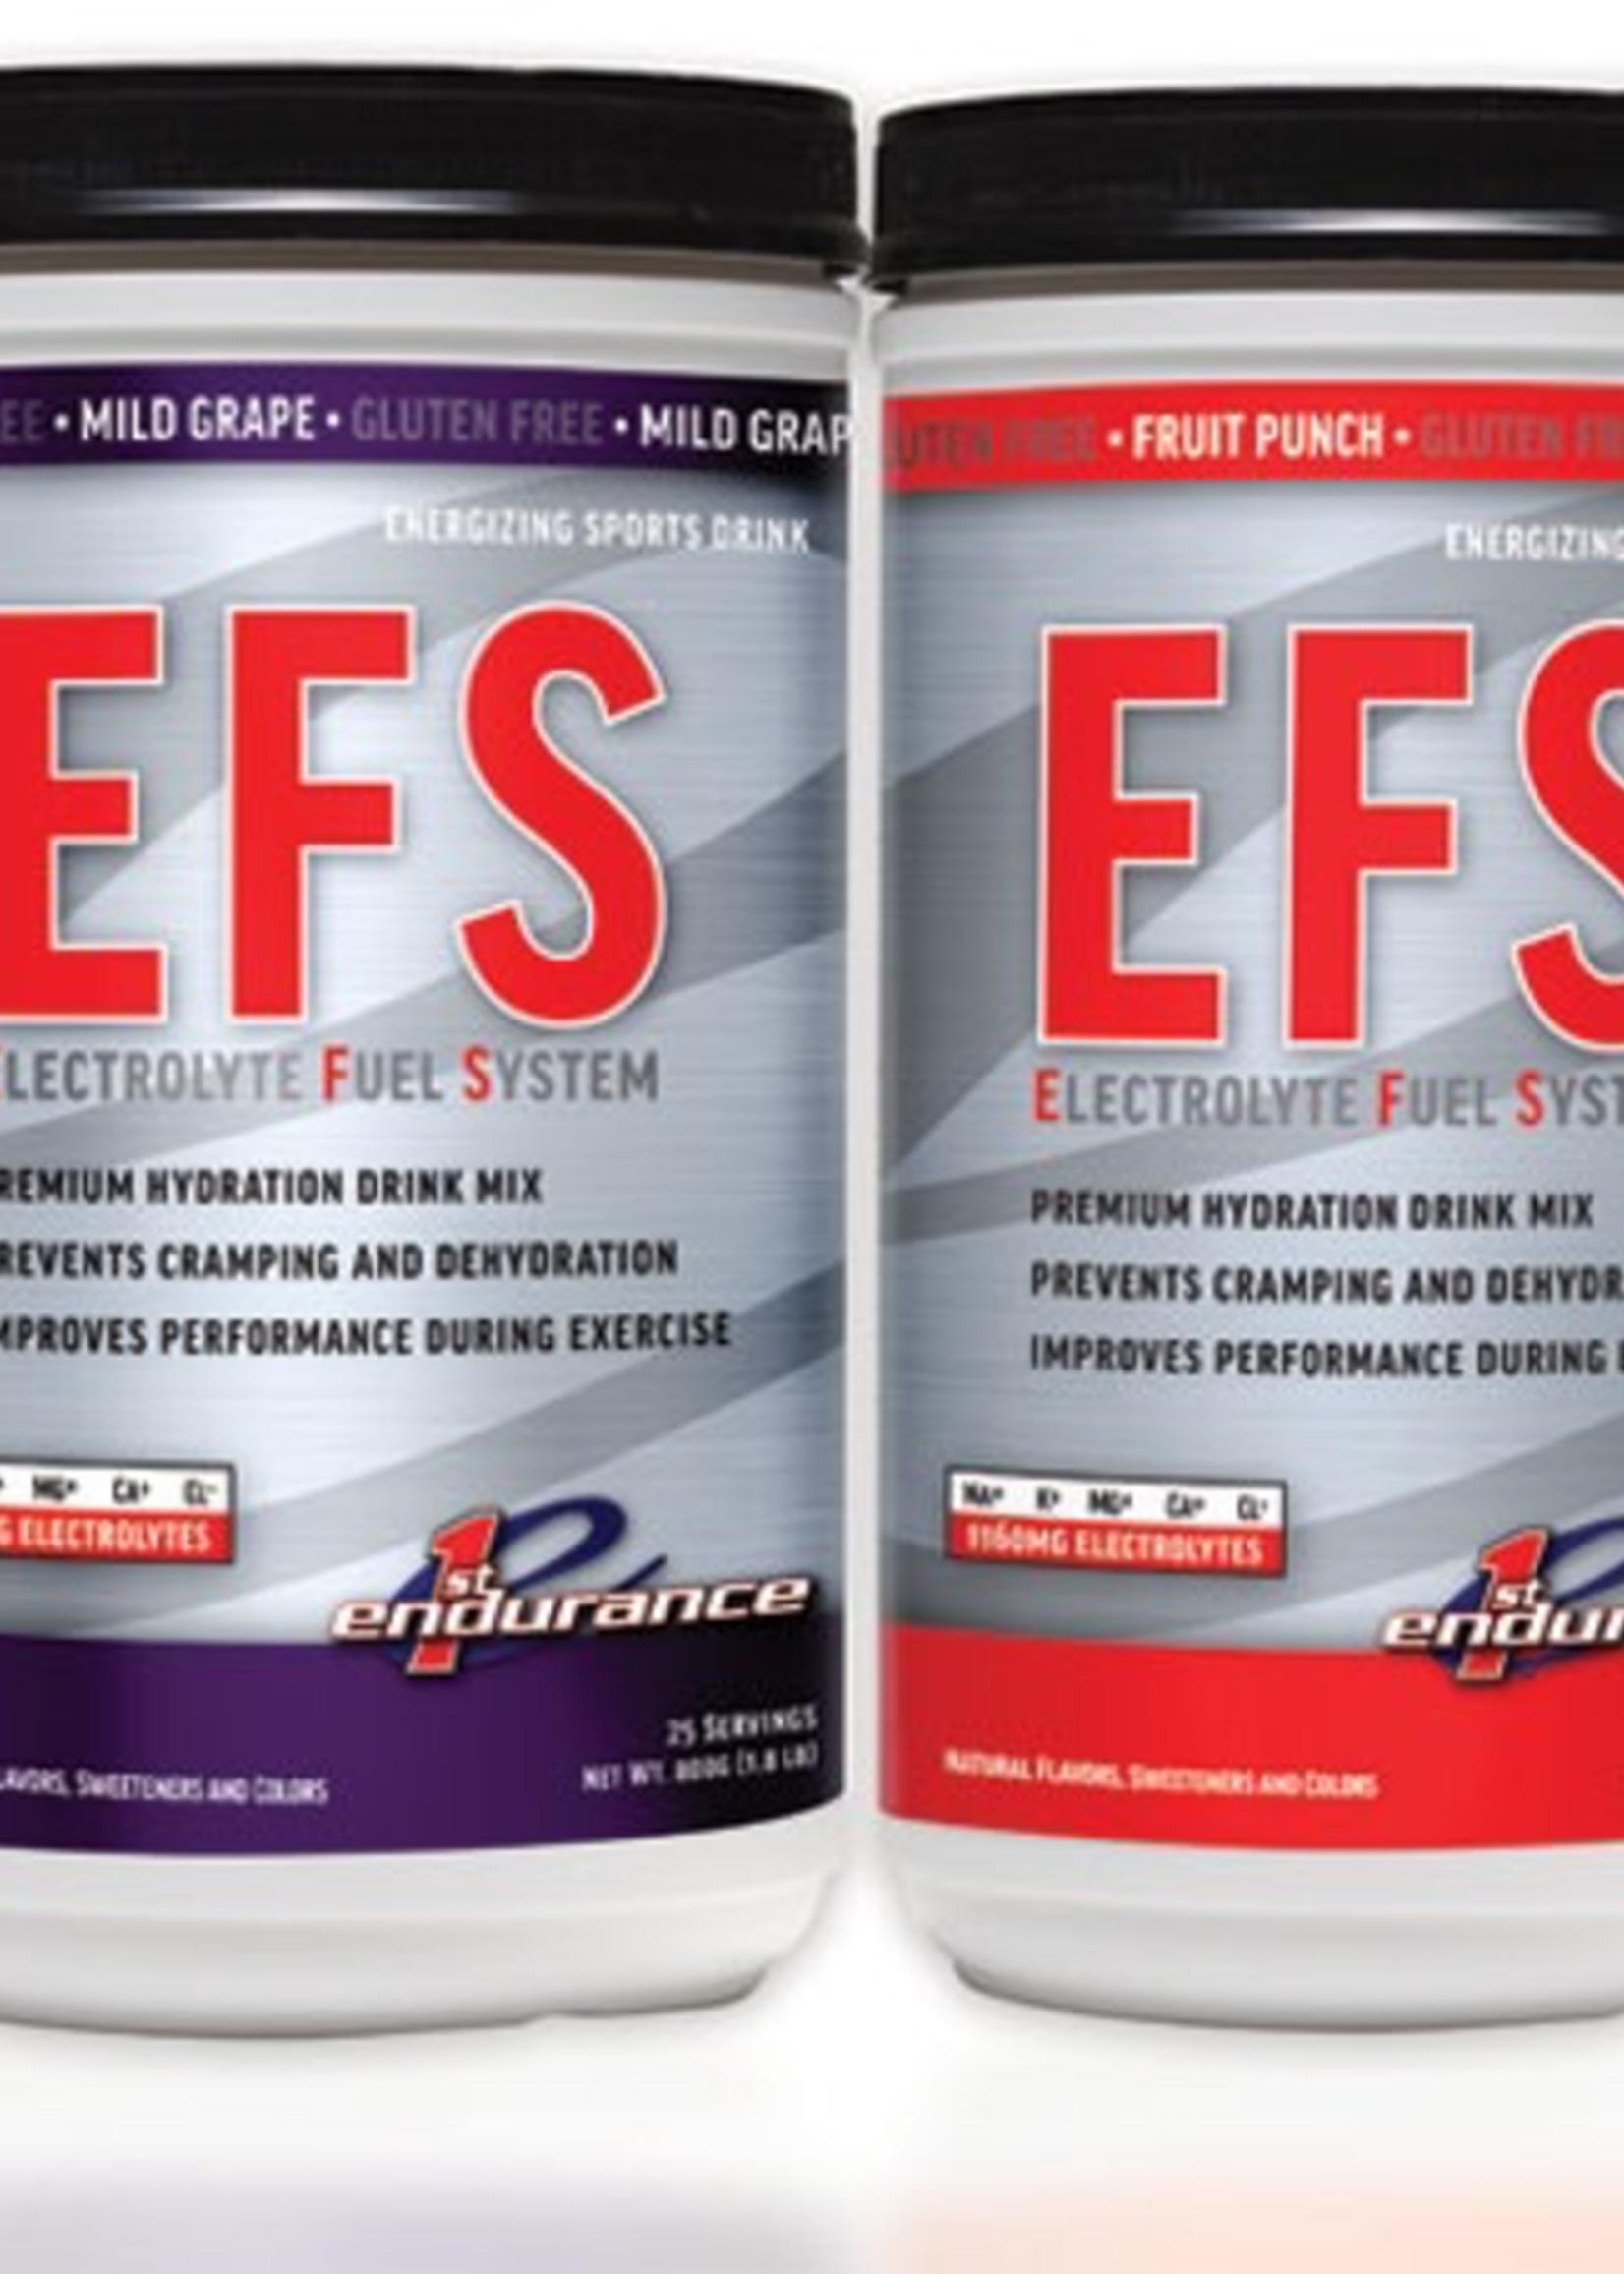 1st ENDURANCE - EFS DRINK MIX, 30 SERVING